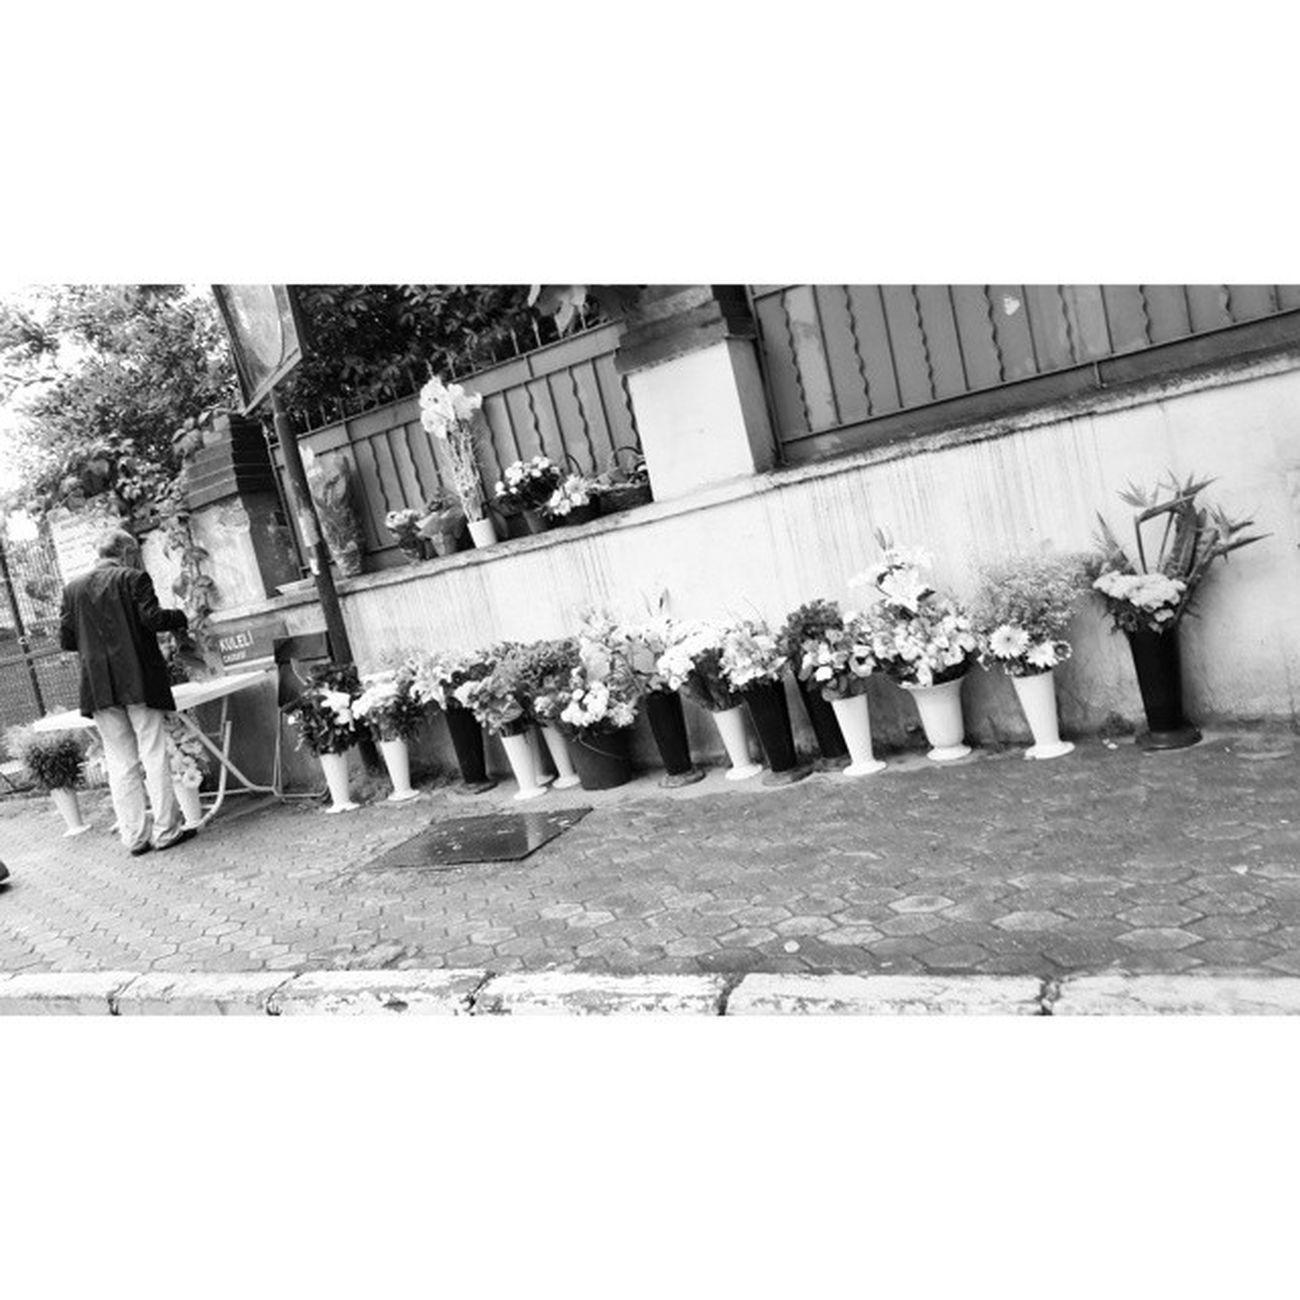 Bu çiçekçi abimiz sizin bildiginiz sokak saticilarina benzemez. Boğazın Anadolu yakasi bilir.